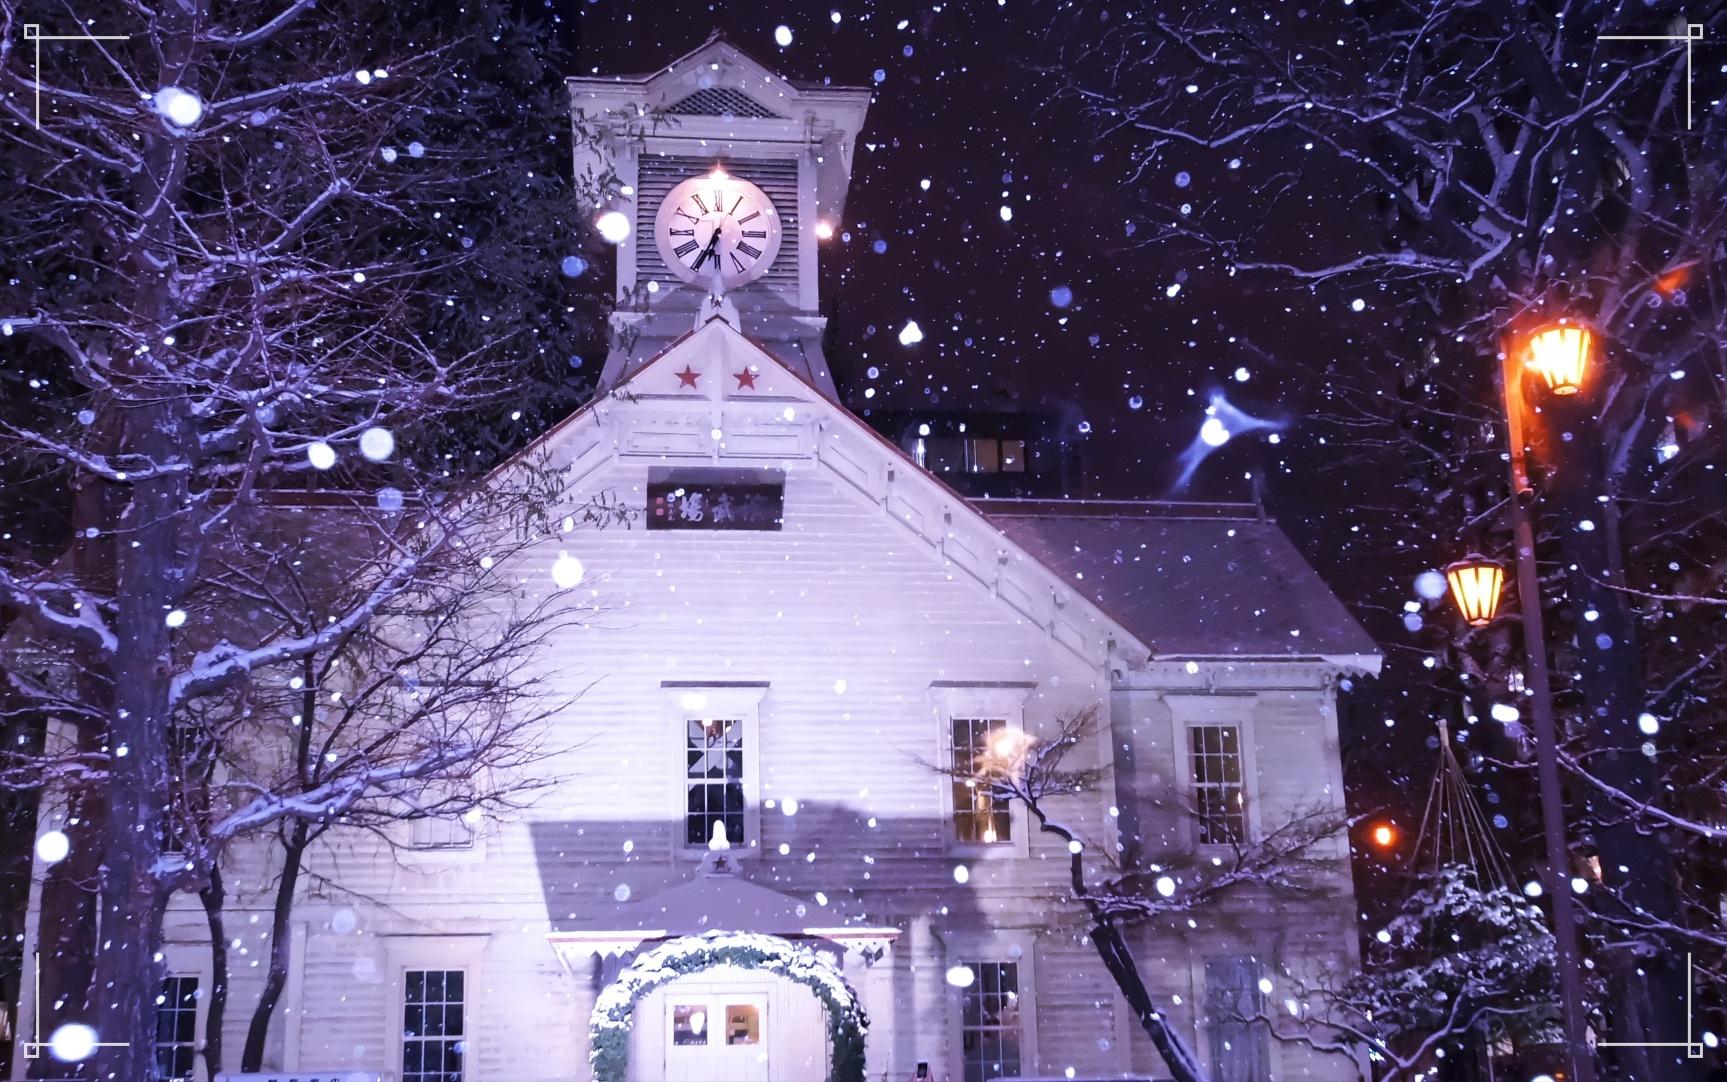 友人少なめ、ぼっちな私も楽しめる冬の札幌!時計台やテレビ塔など3